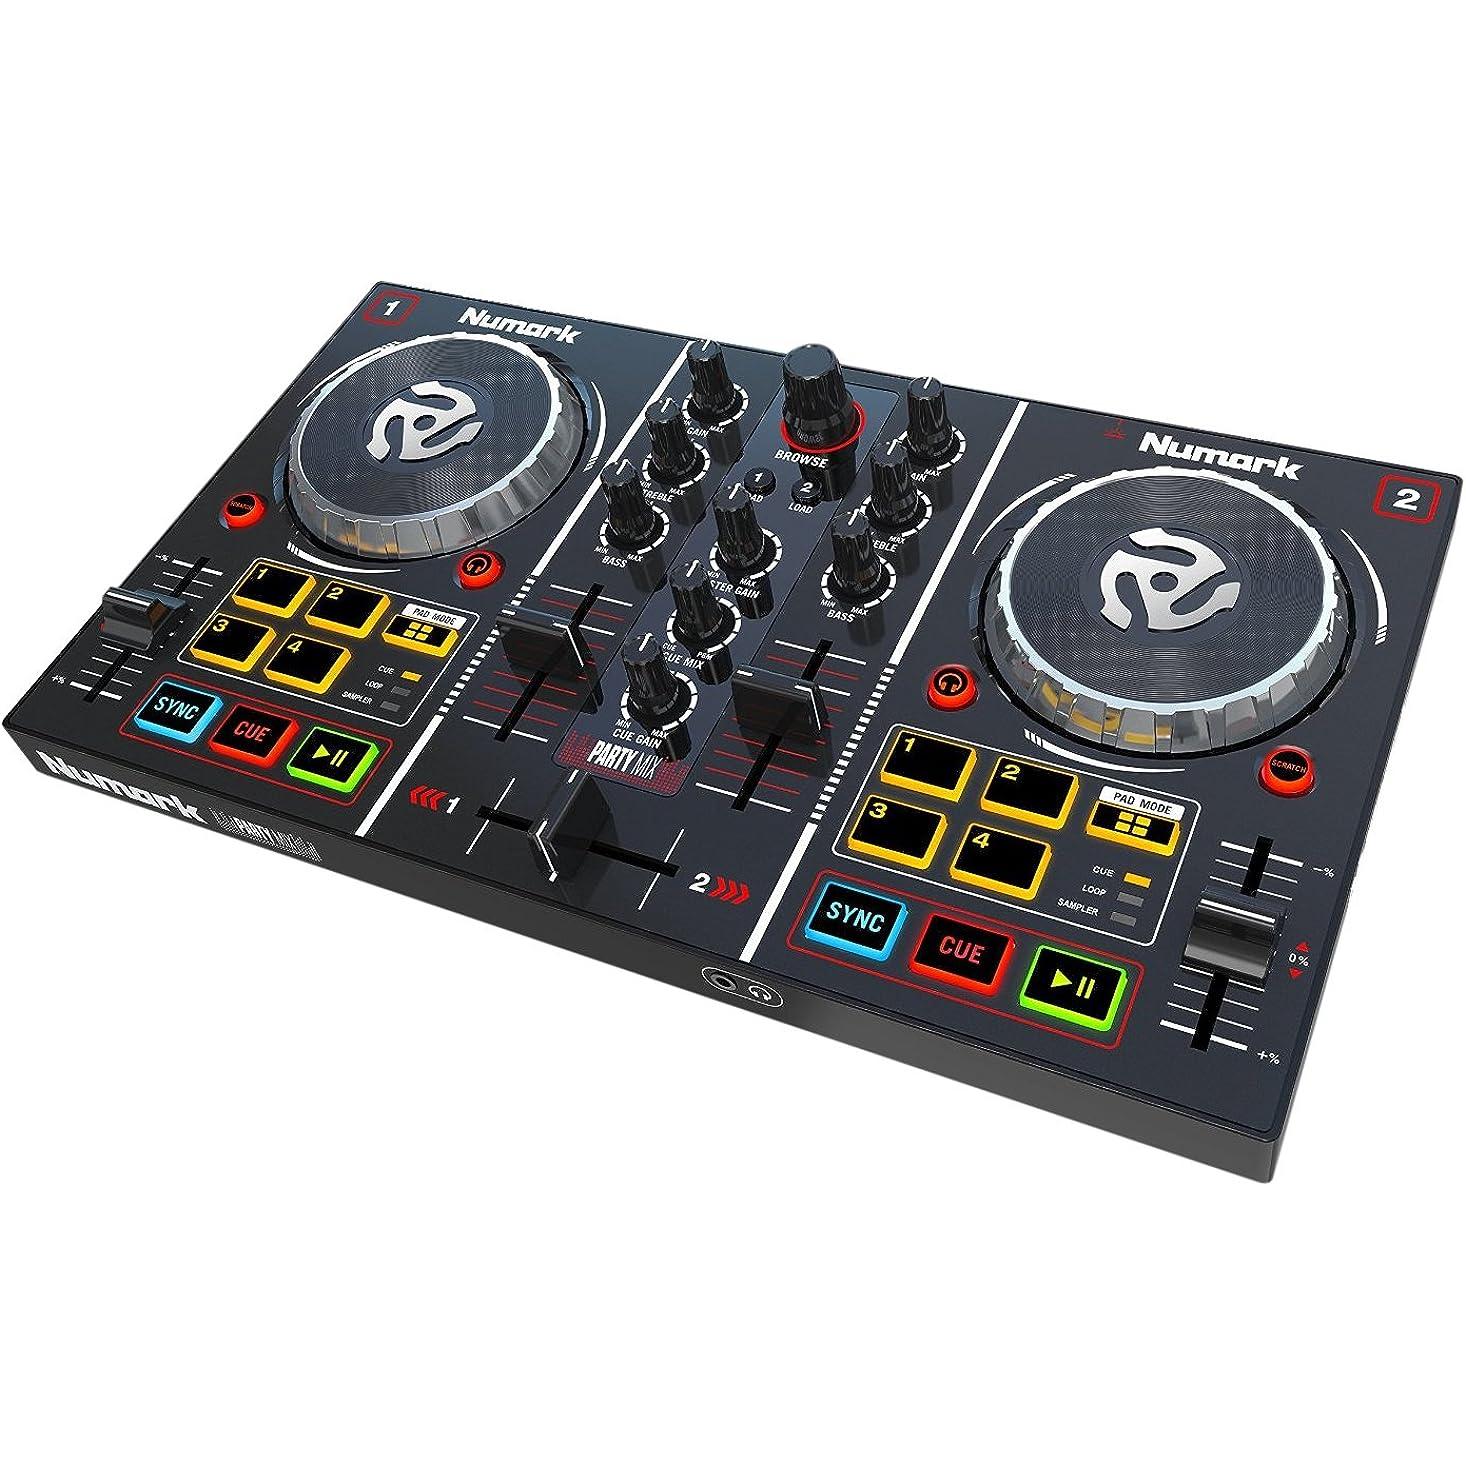 Einen guten DJ Controller bekommen Sie bei der Marke Numark.